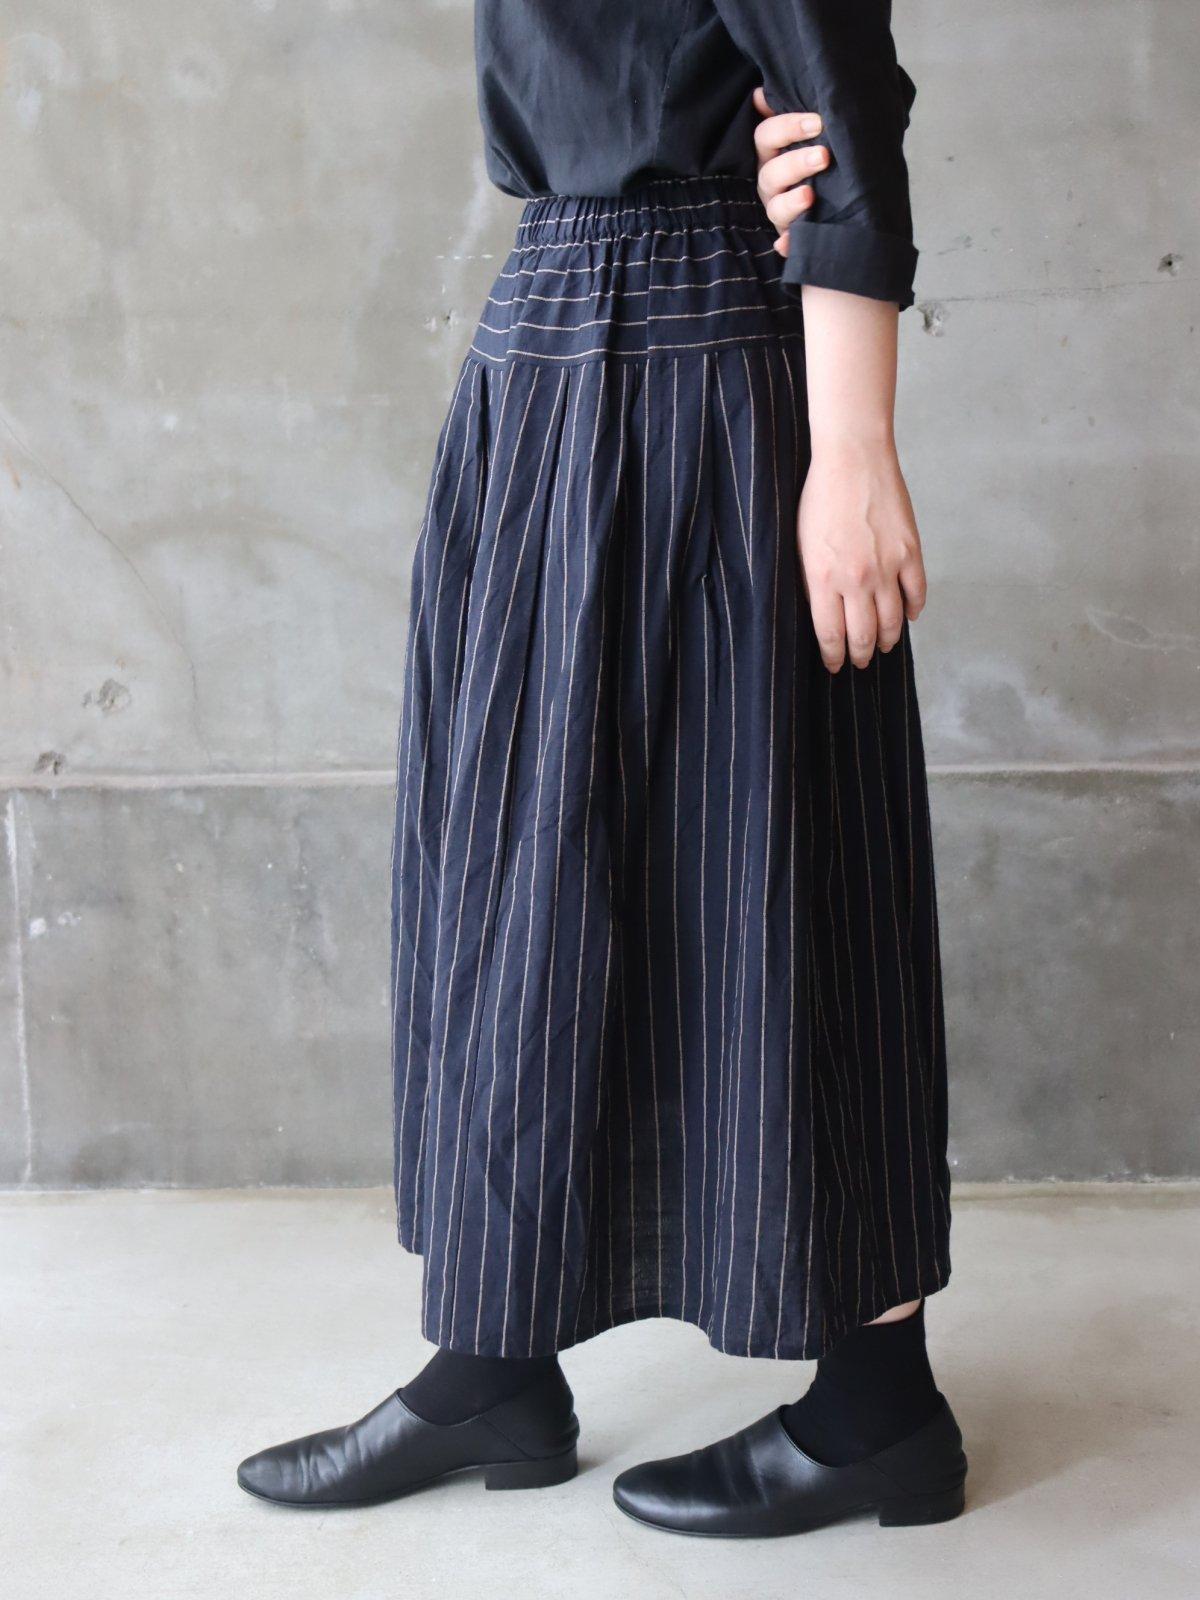 YAMMA 会津木綿タックスカート はなふさ縞